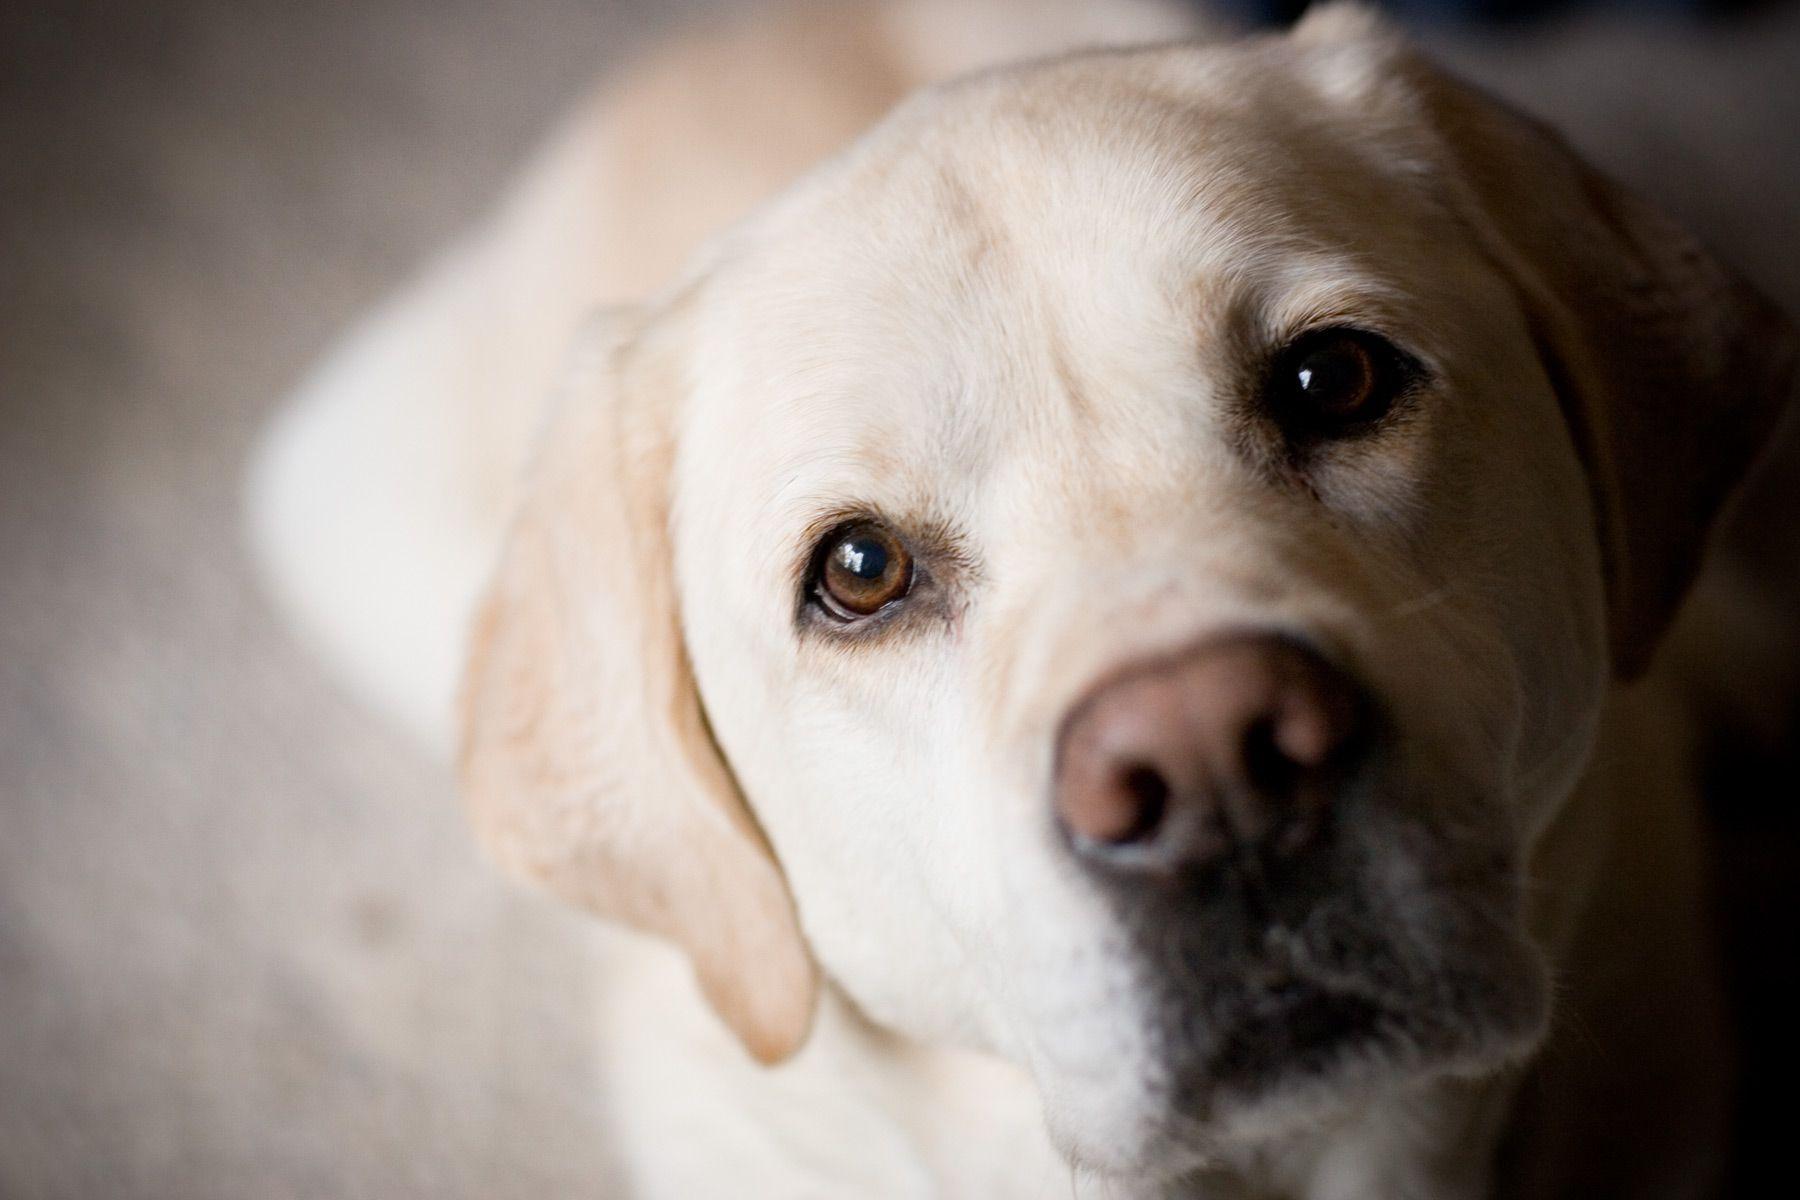 96] Labrador Dog Wallpapers on WallpaperSafari 1800x1200